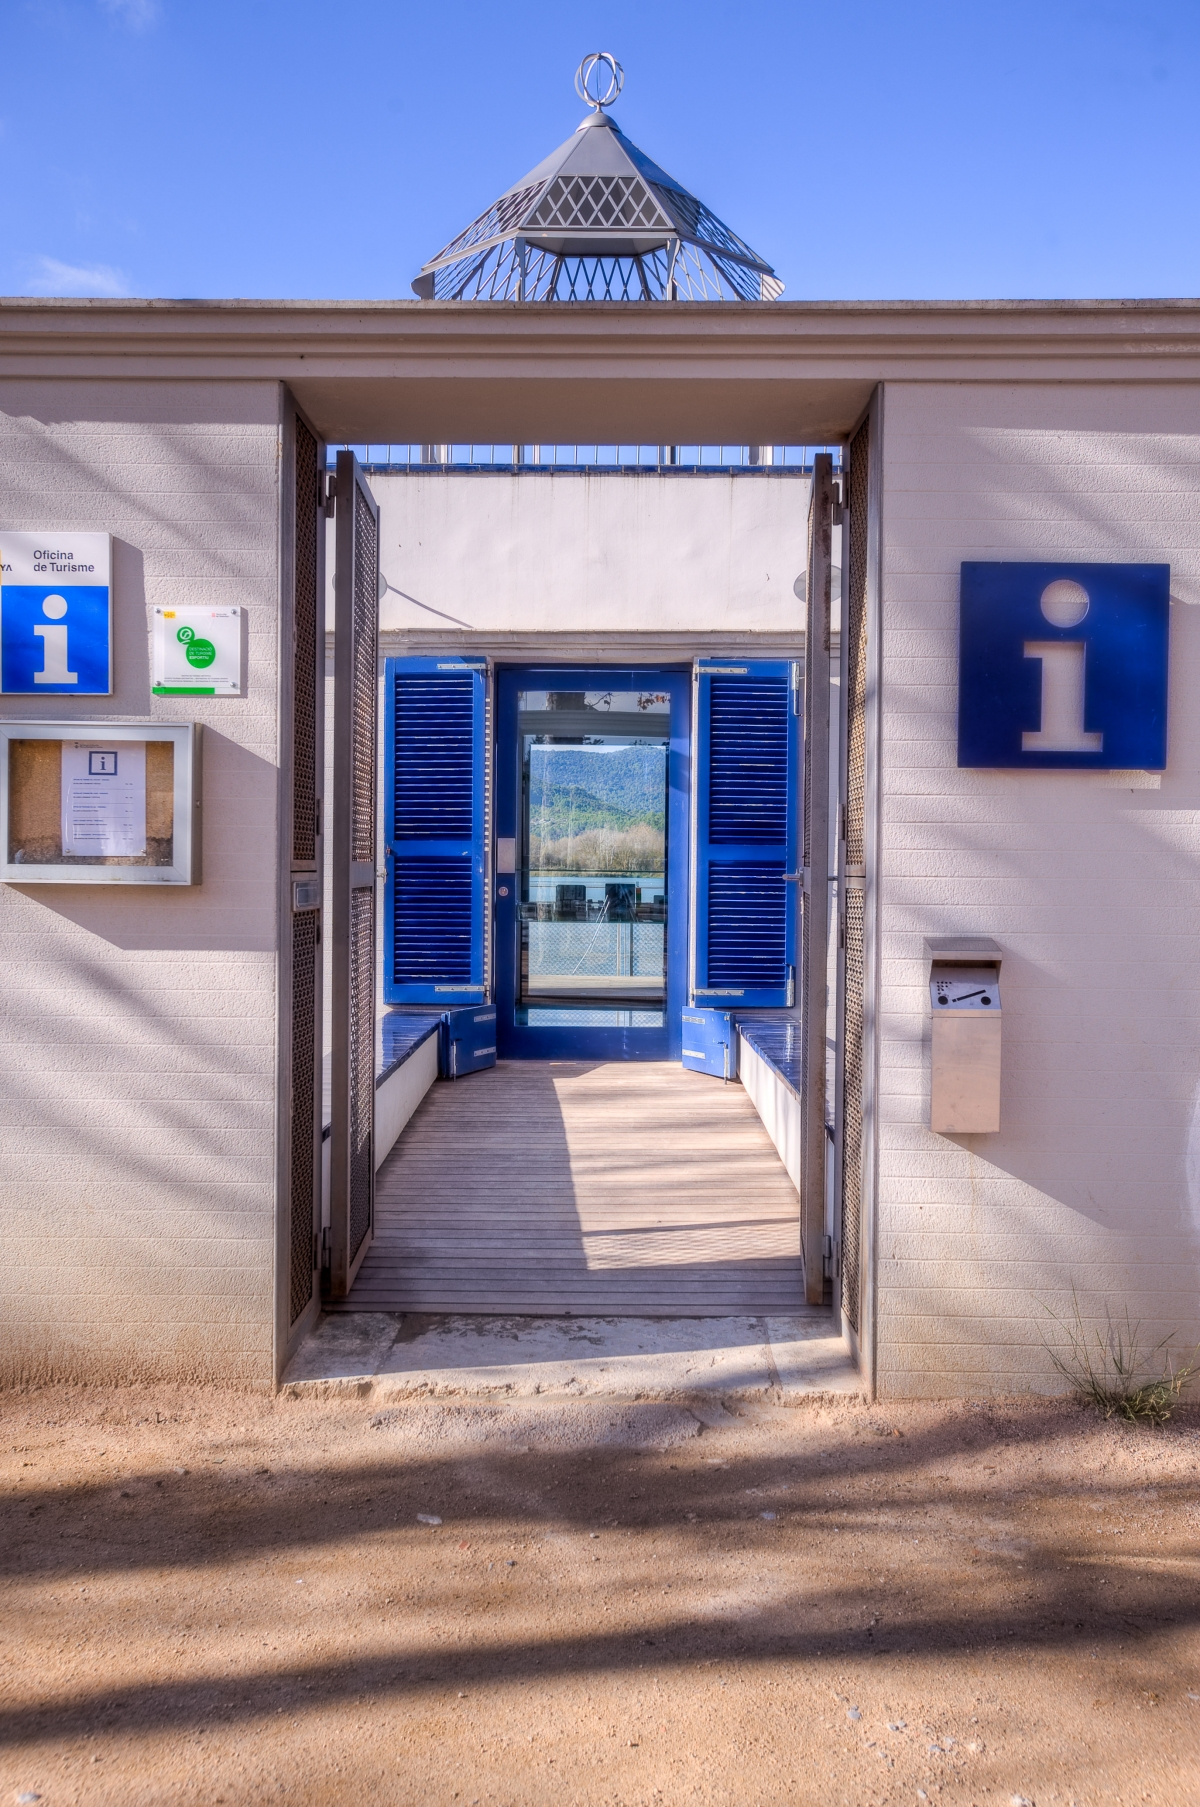 Oficina de turismo de l estany pesquera d en lero for Oficina de turisme girona